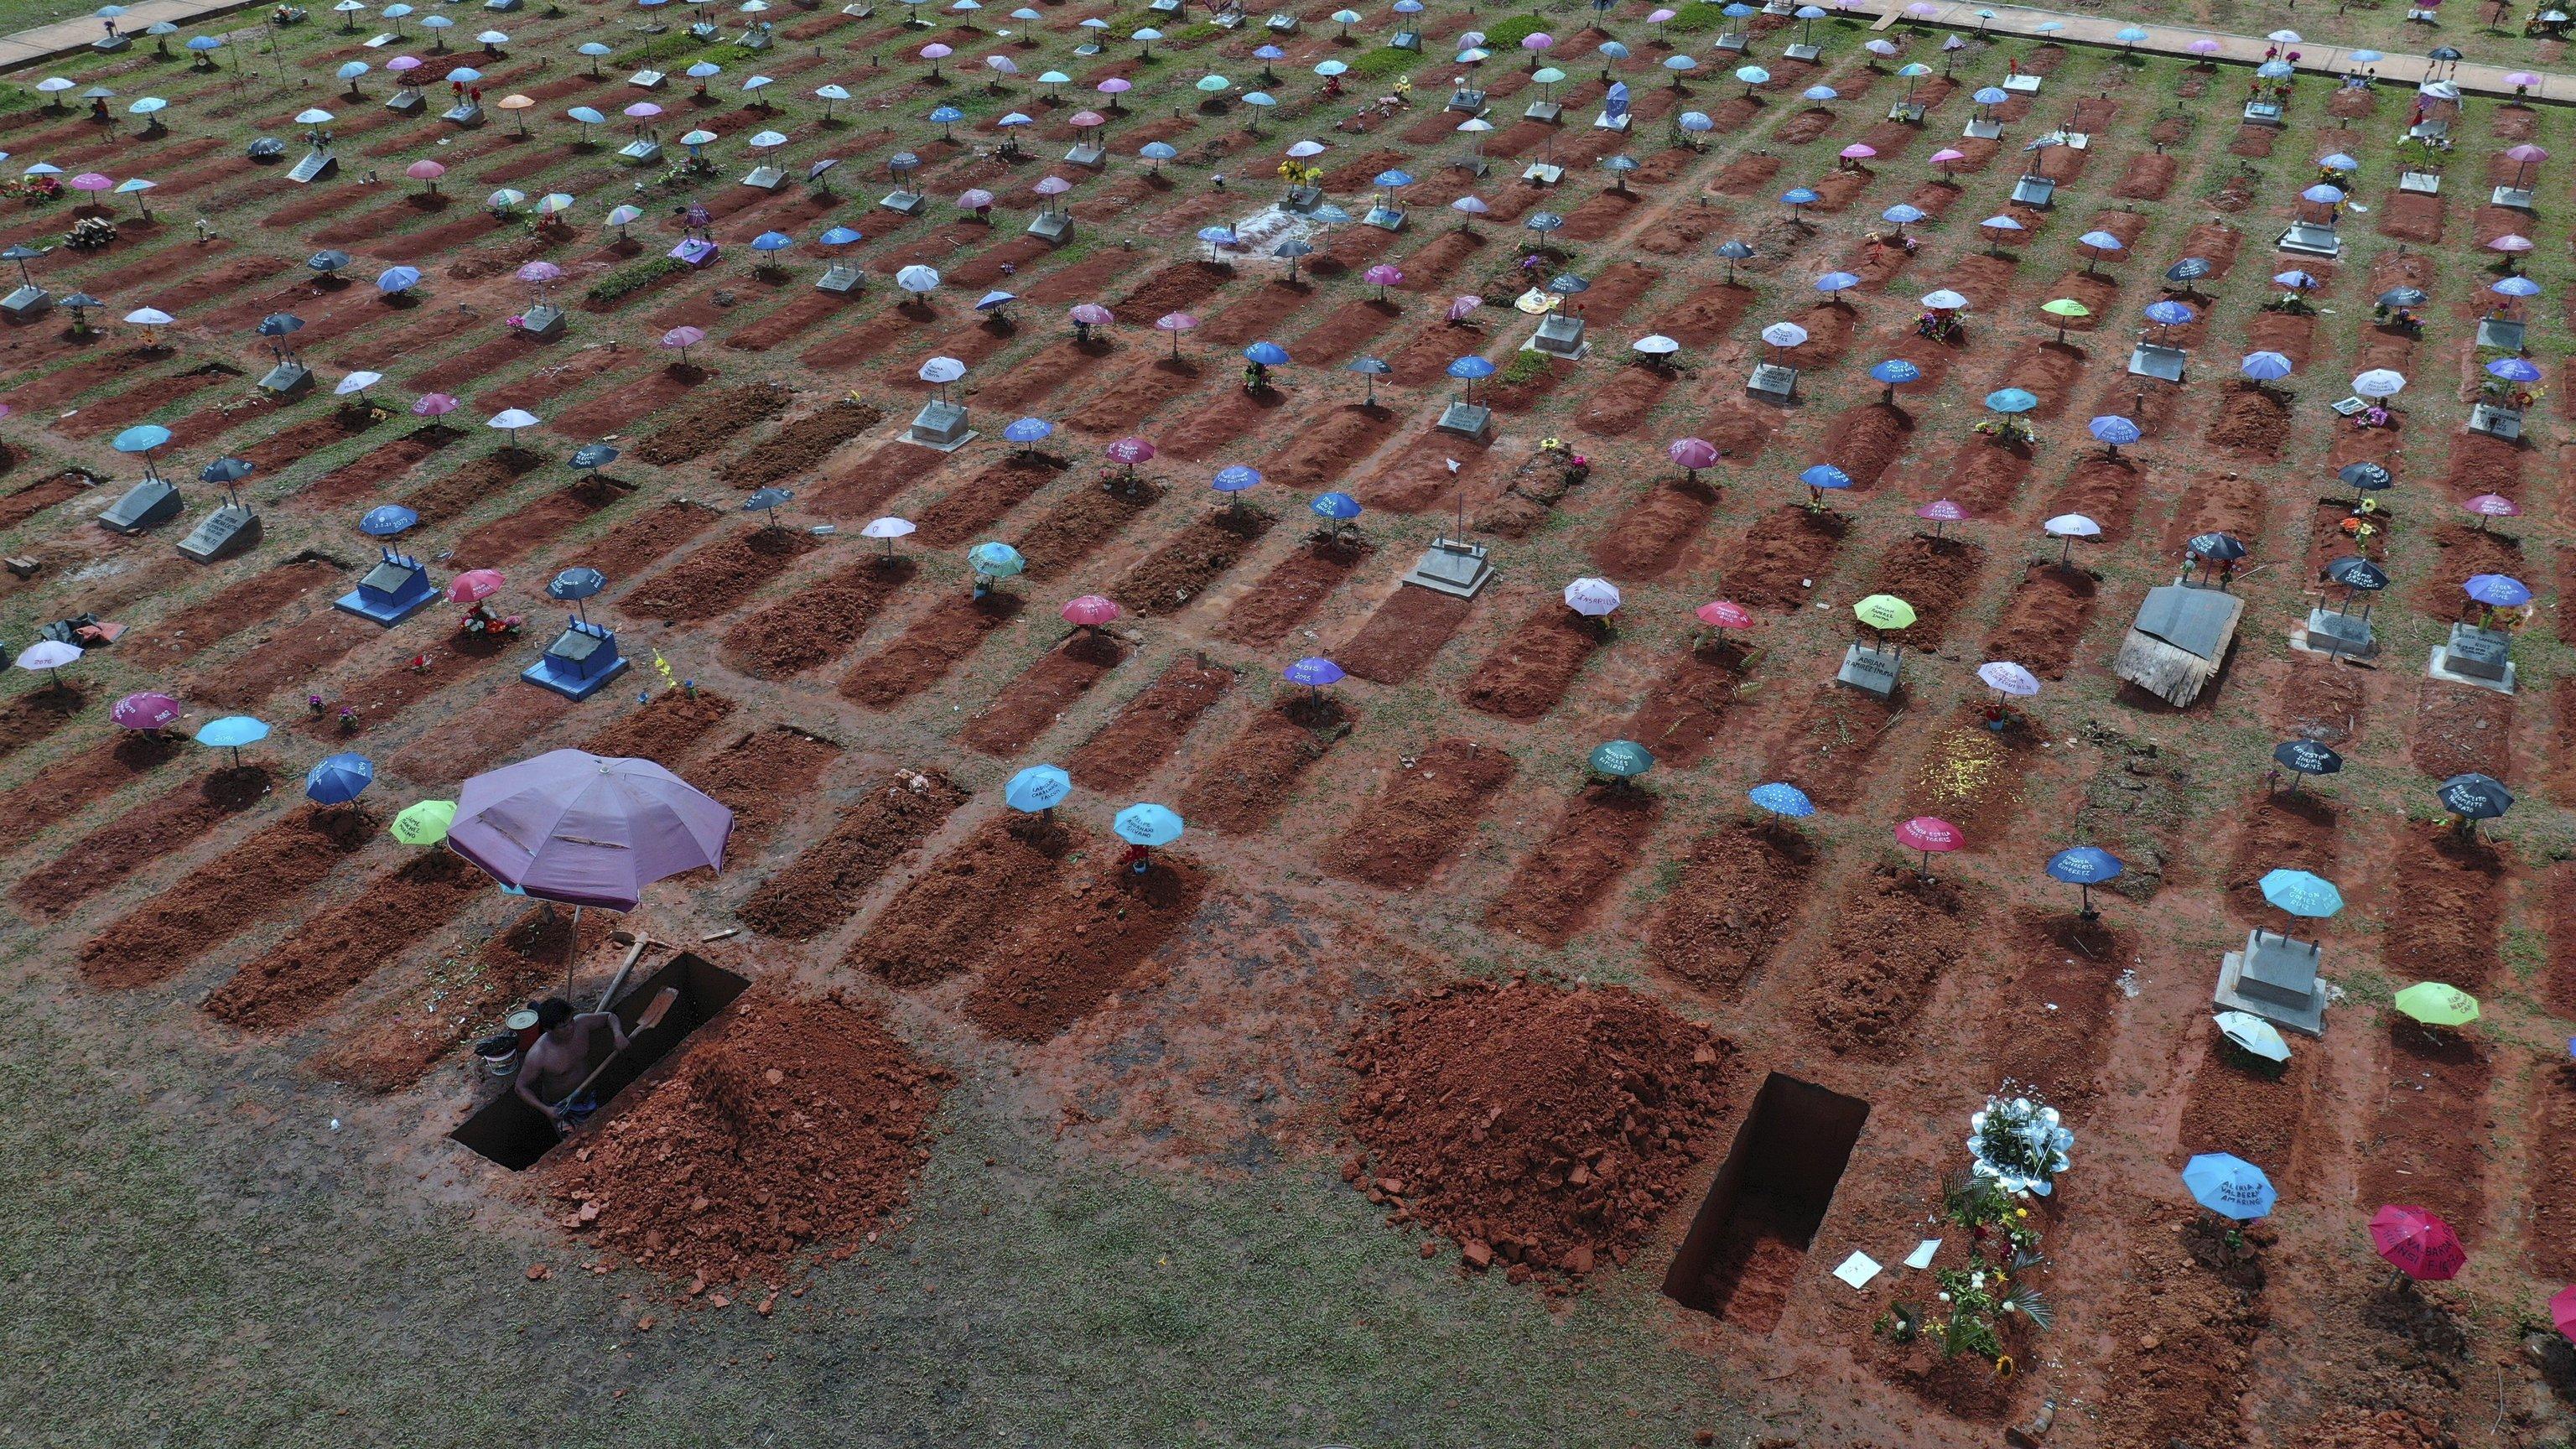 چاله هایی برای دفن قربانیان جسد در قبرستان San Juan Bautista (Iquitos ، پرو).